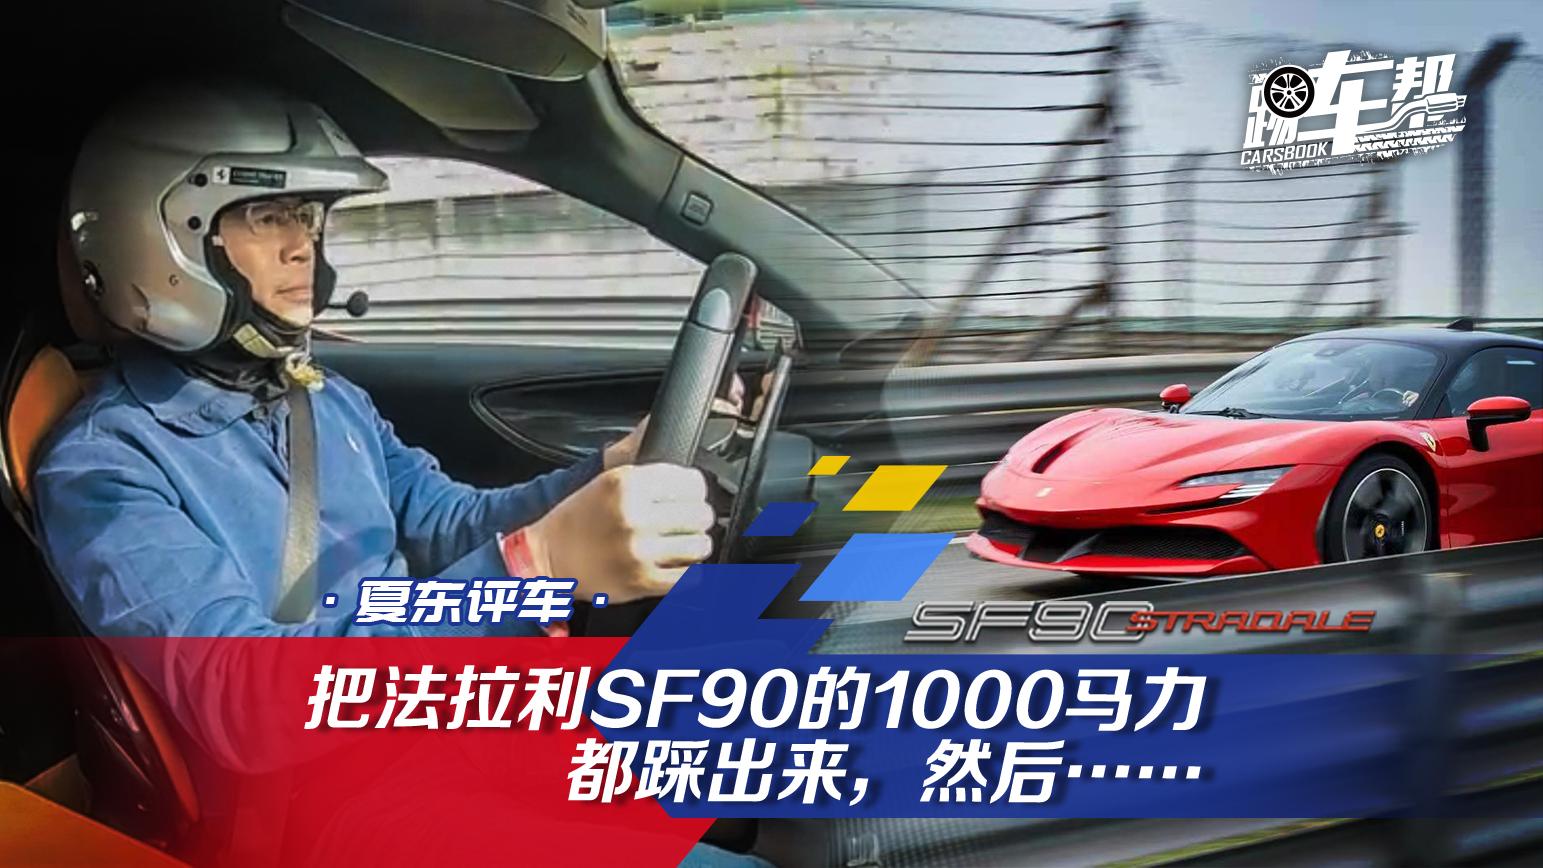 《夏东评车》把法拉利SF90的1000马力都踩出来,然后